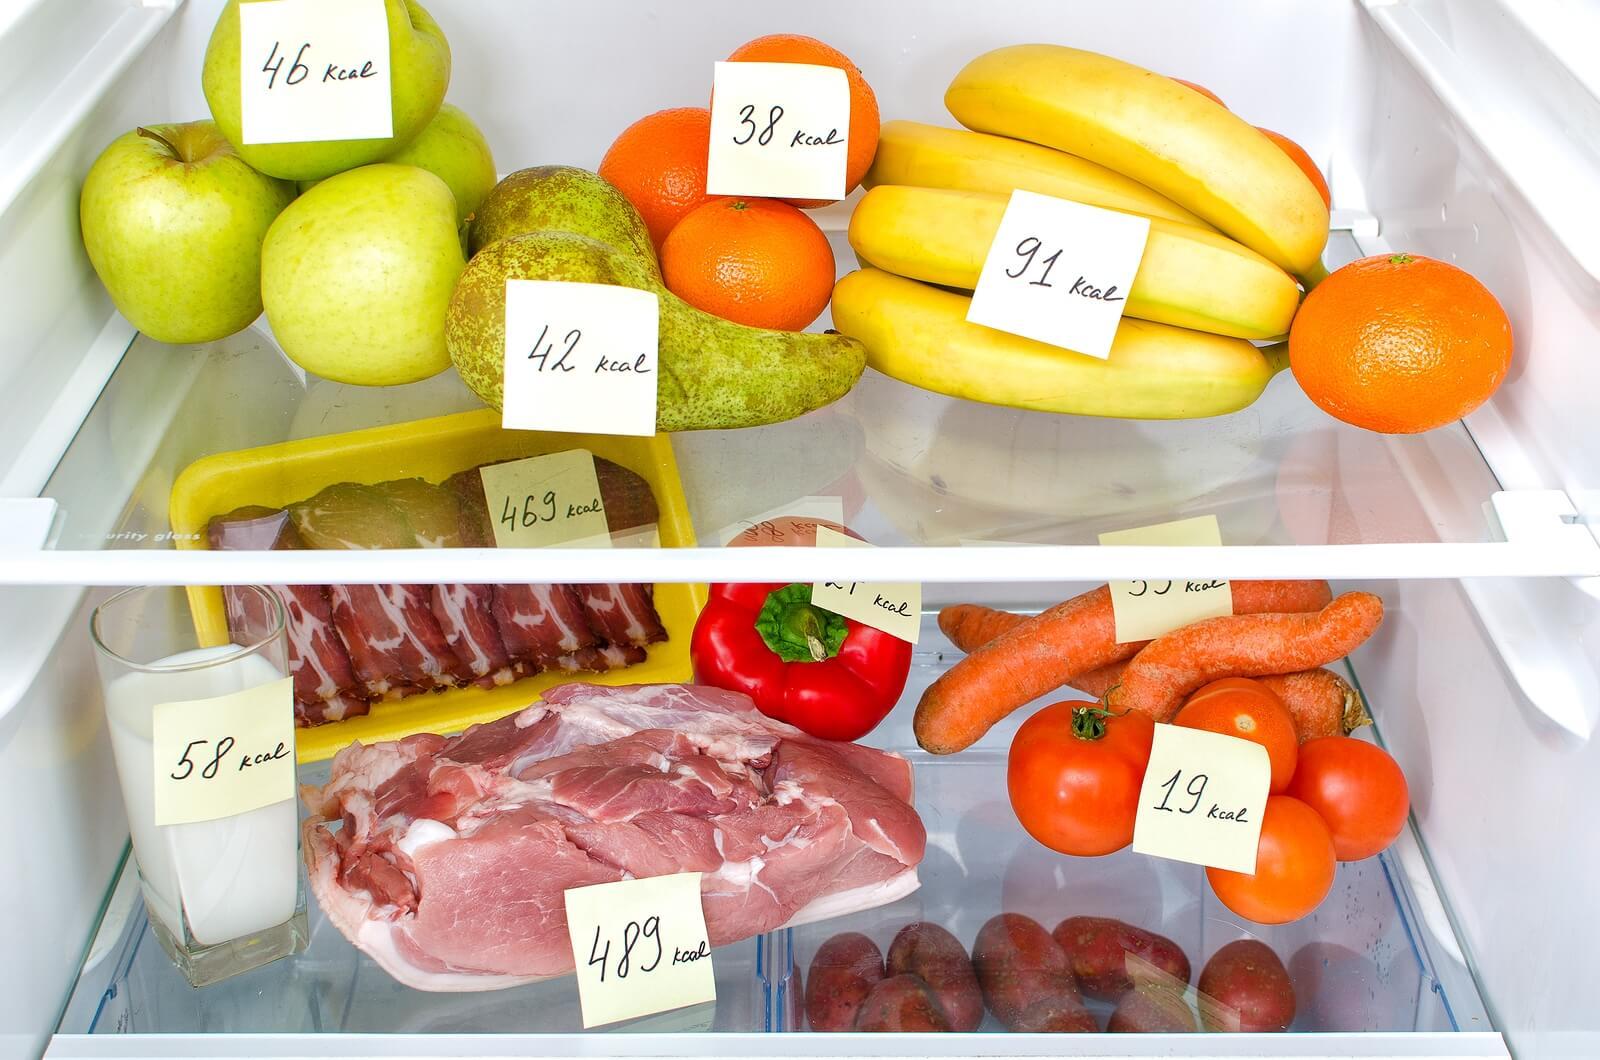 как считать калории чтобы похудеть формула